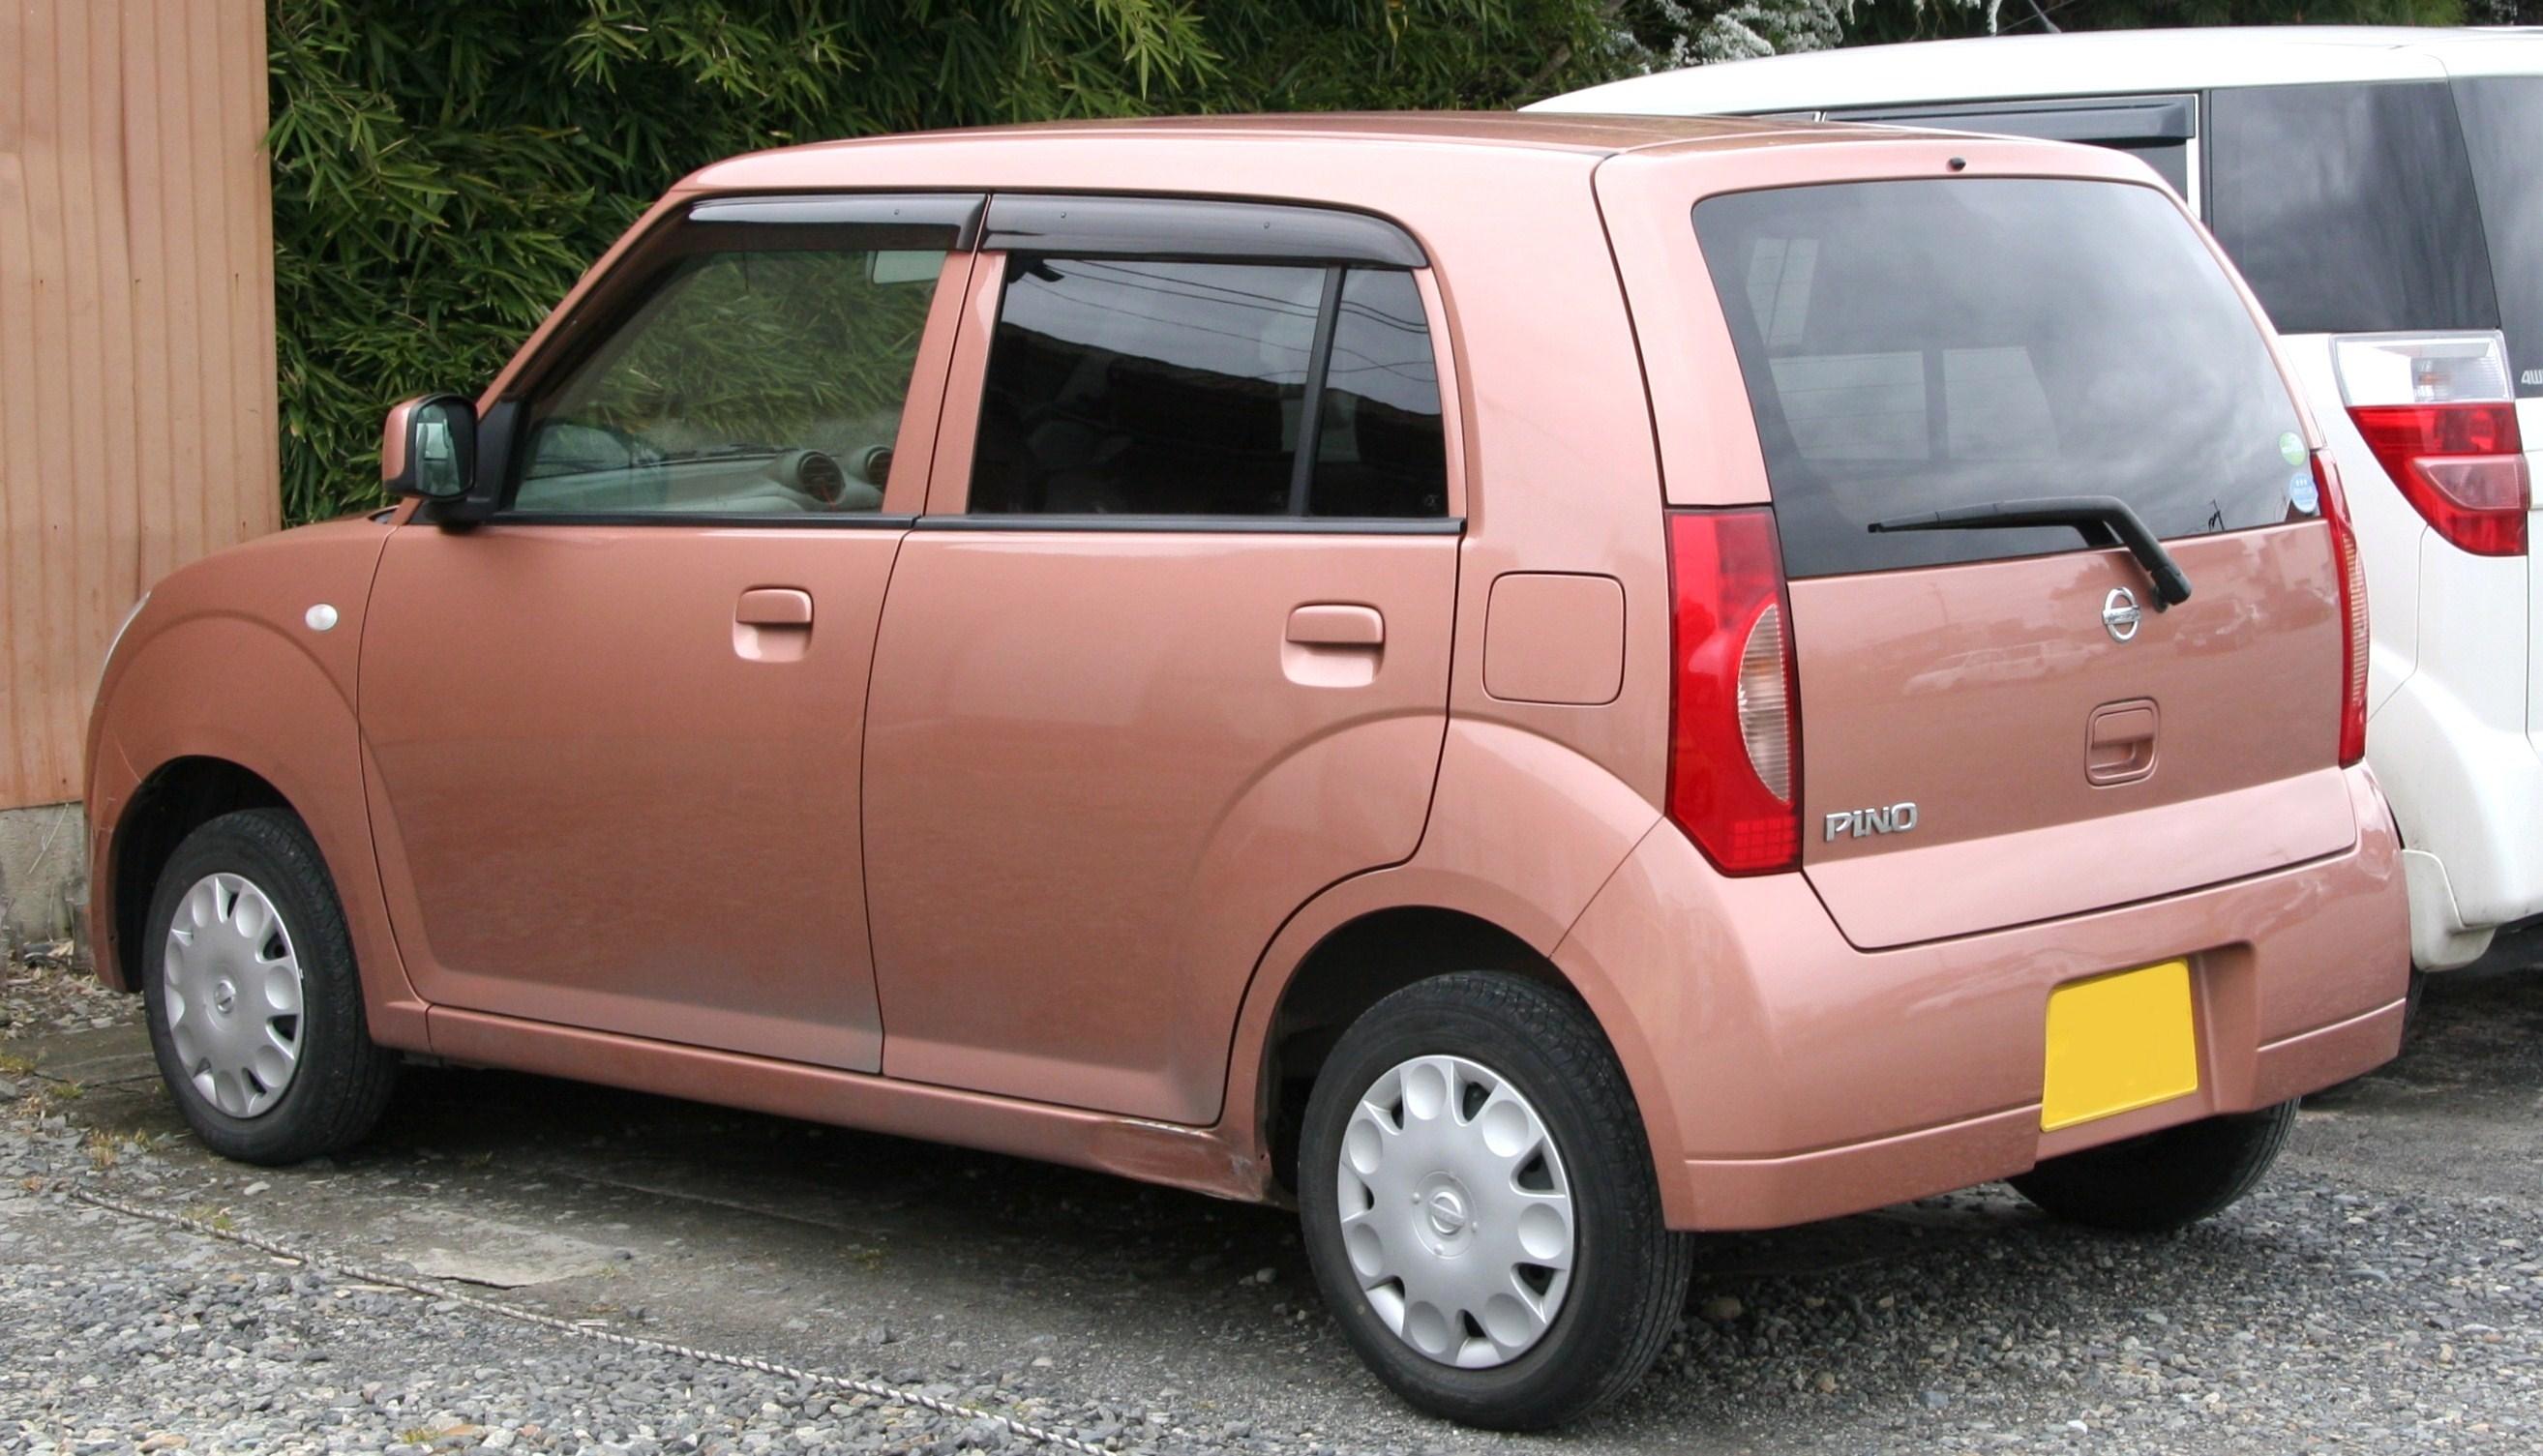 Nissan Pino 2007 - 2010 Hatchback 5 door #7